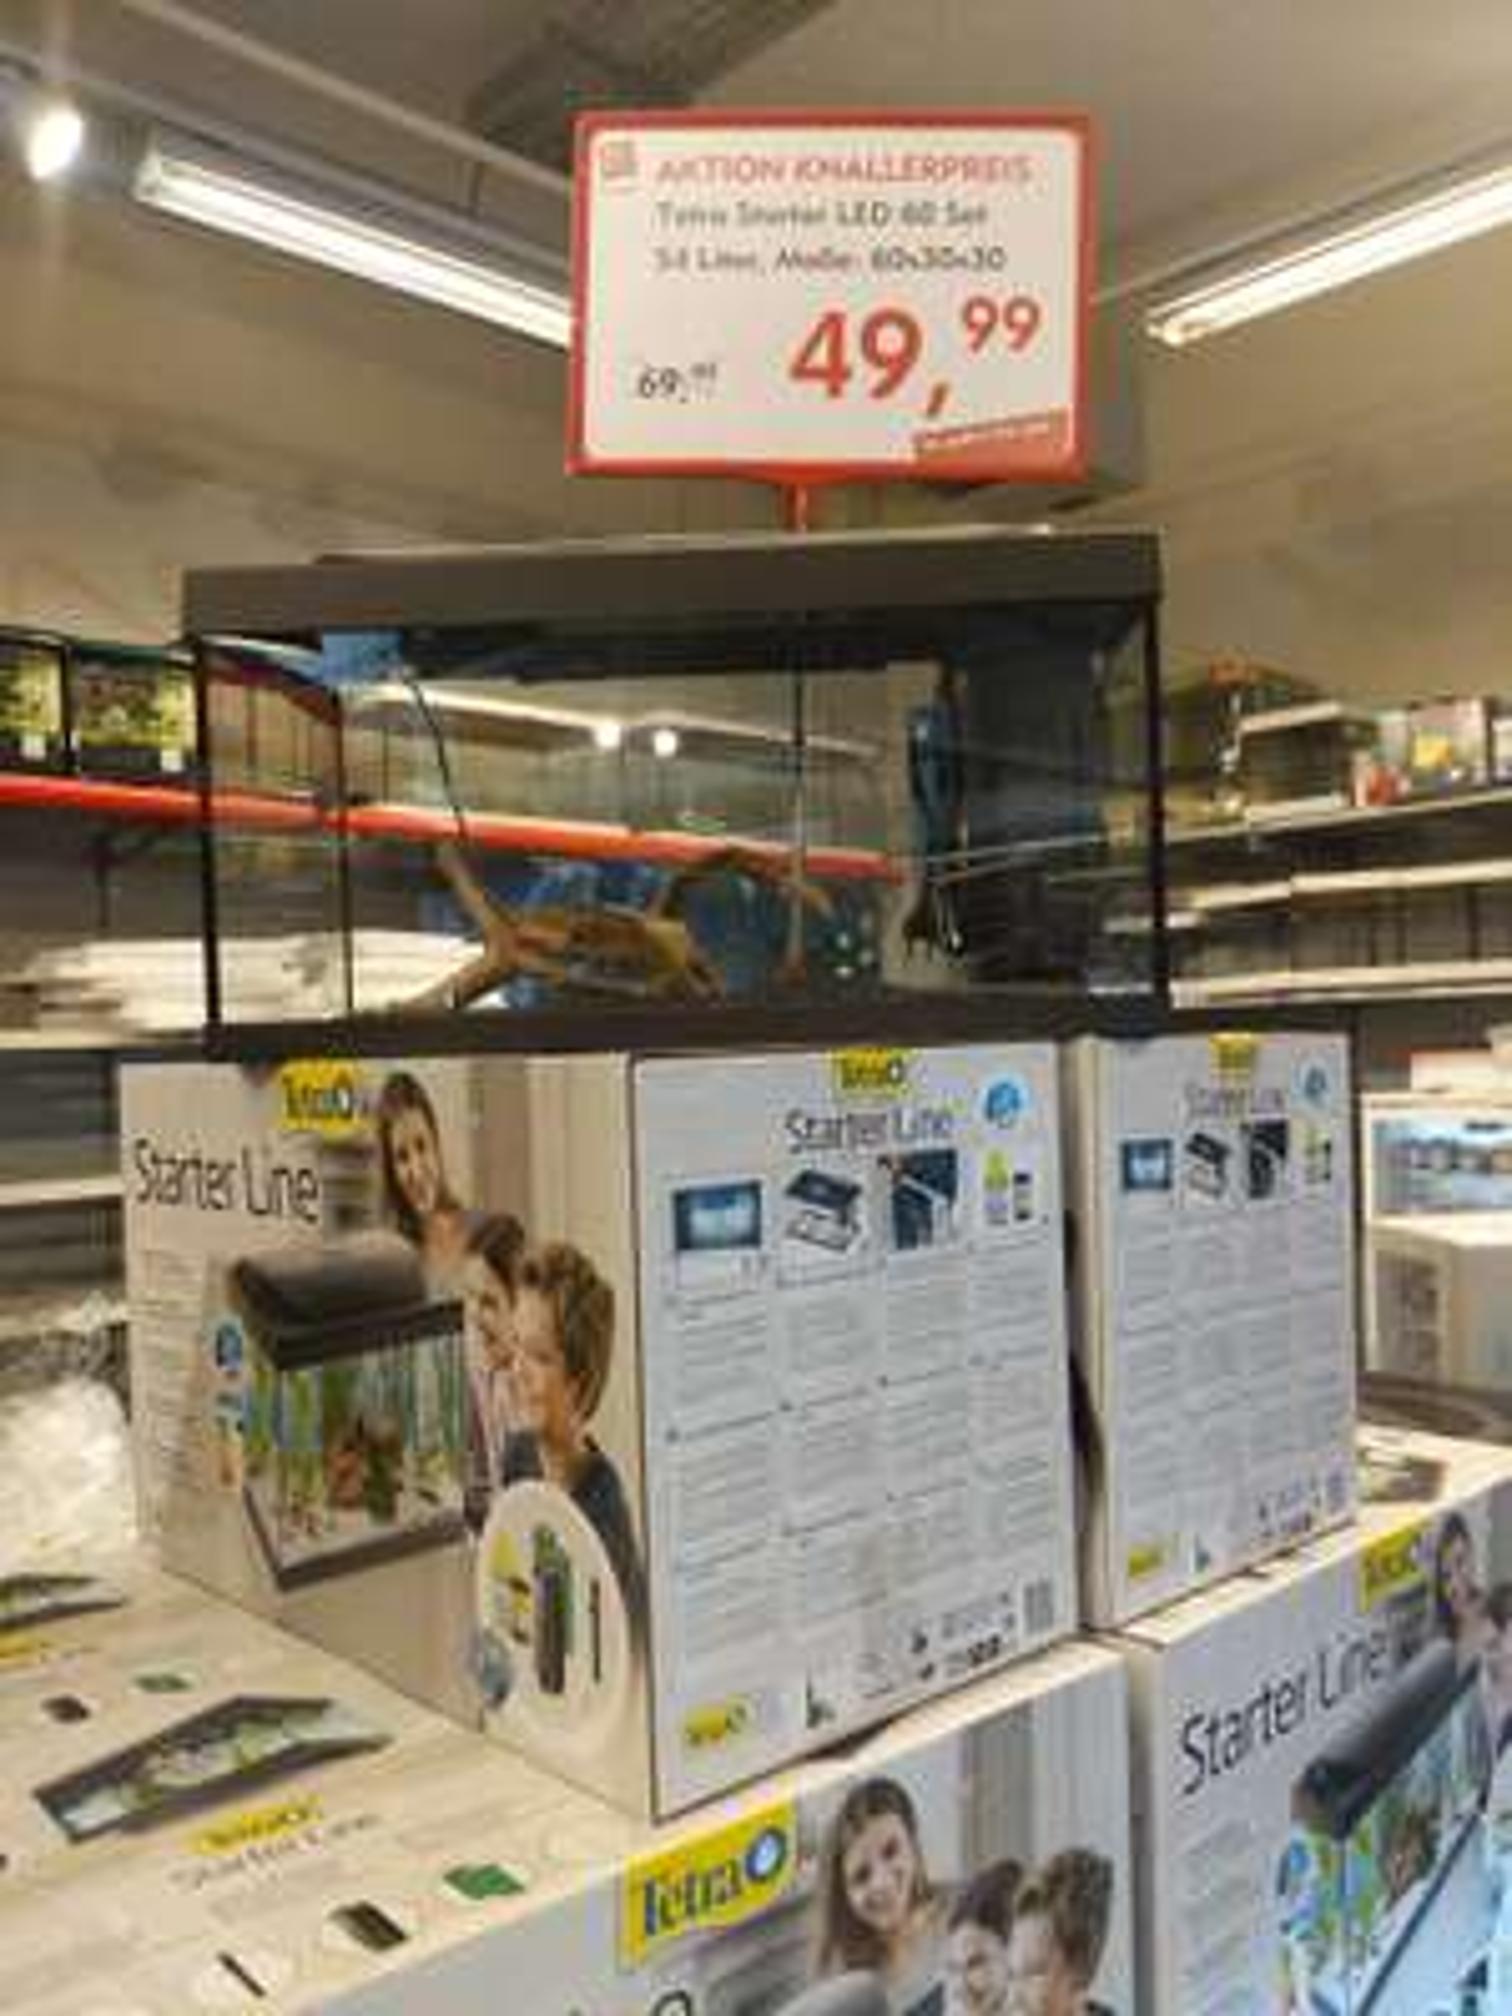 Tetra Starter Line LED 54L Aquarium Lokal Bonn